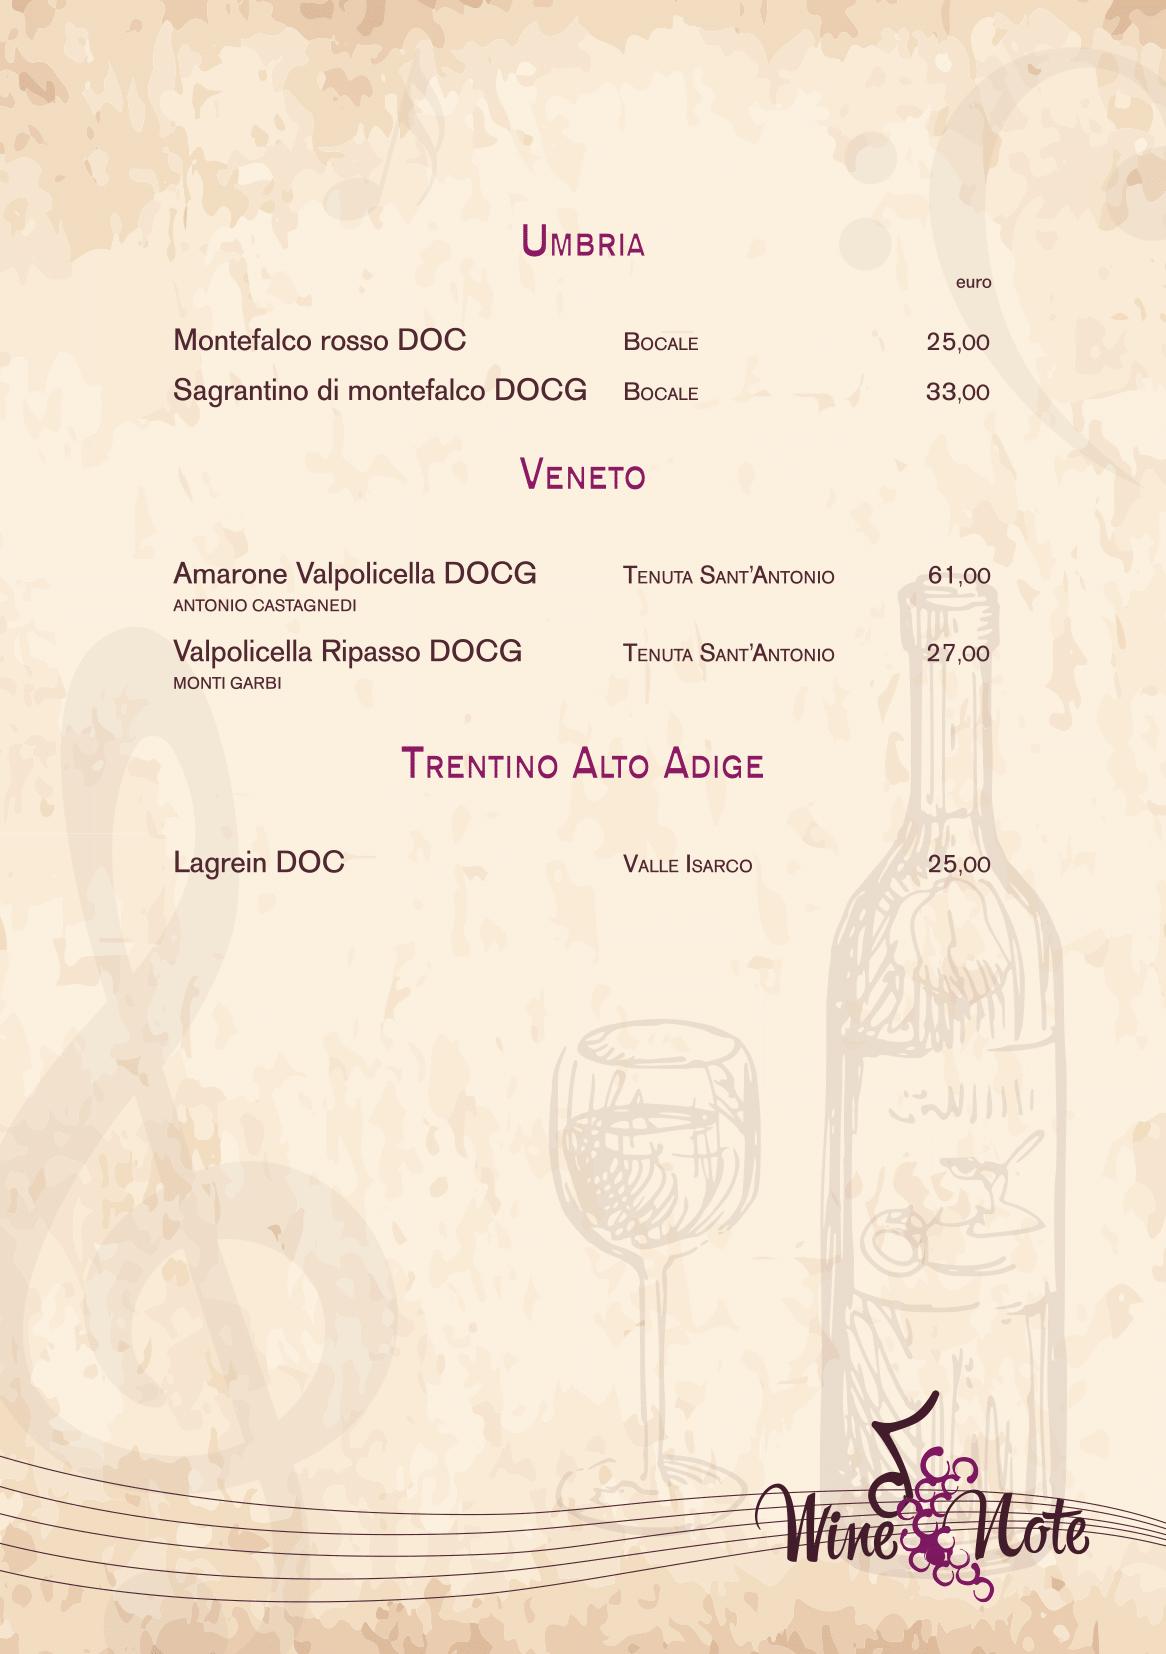 Wine note menu e vini A5-12